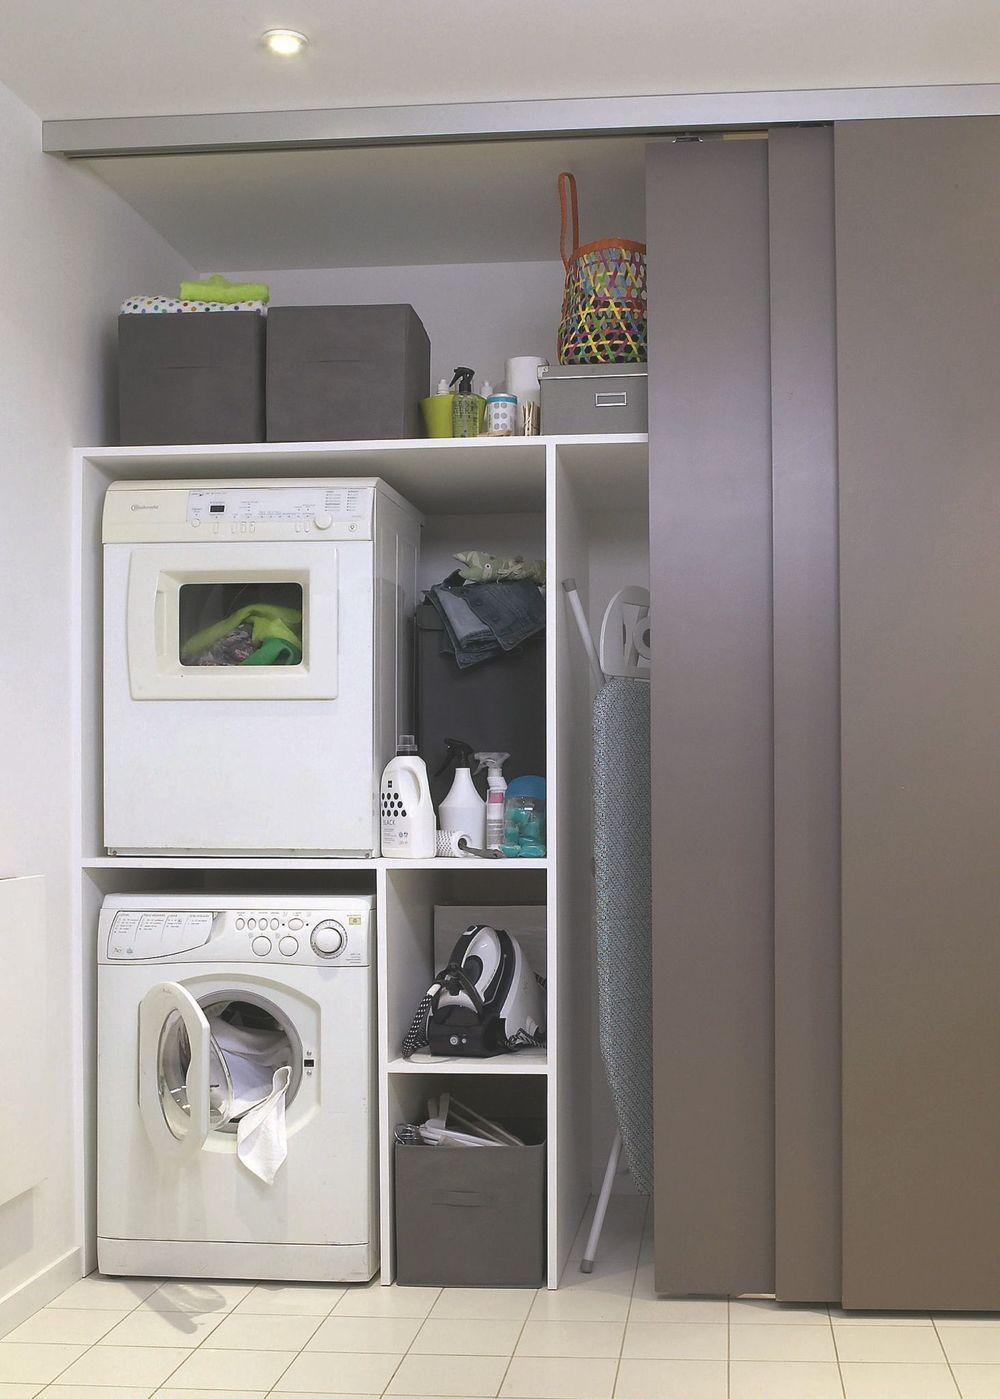 Machine À Laver Et Sèche Linge Intégré installer lave-linge dans la salle de bains, buanderie